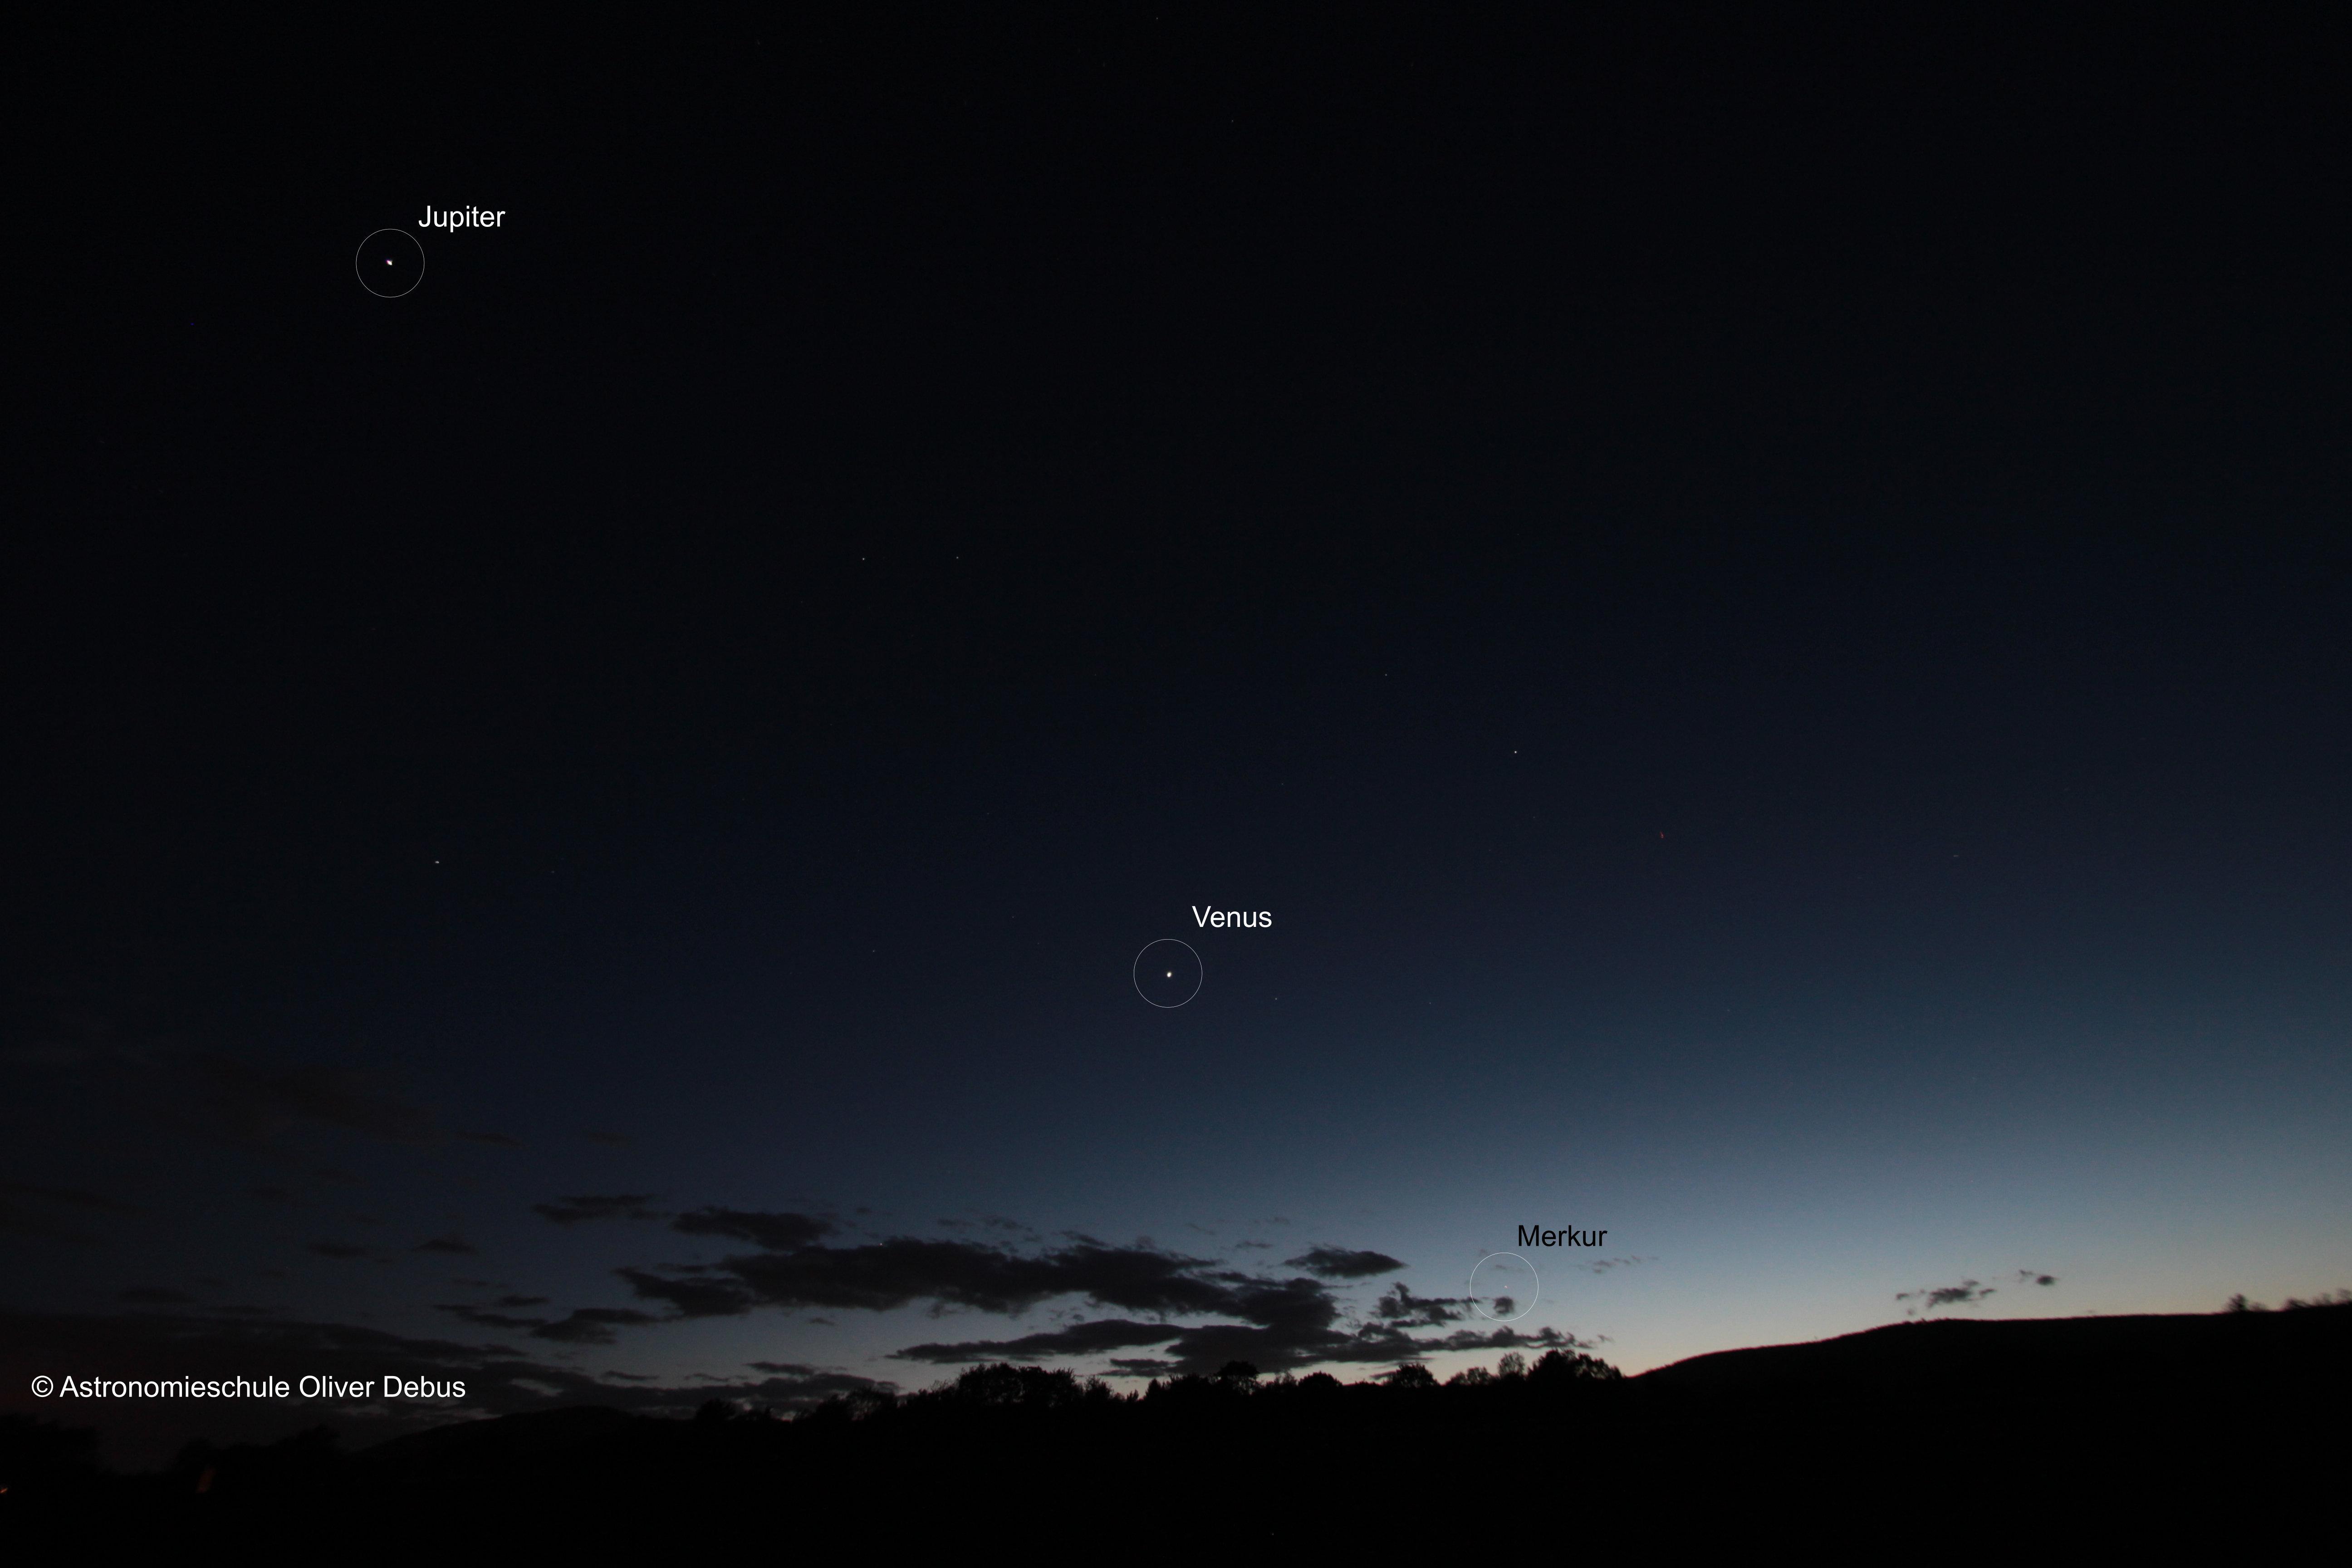 Wie Perlen entlang einer Schnur, reihen sich die Planeten Jupiter, Venus und Merkur entlang der Ekliptik aneinander.